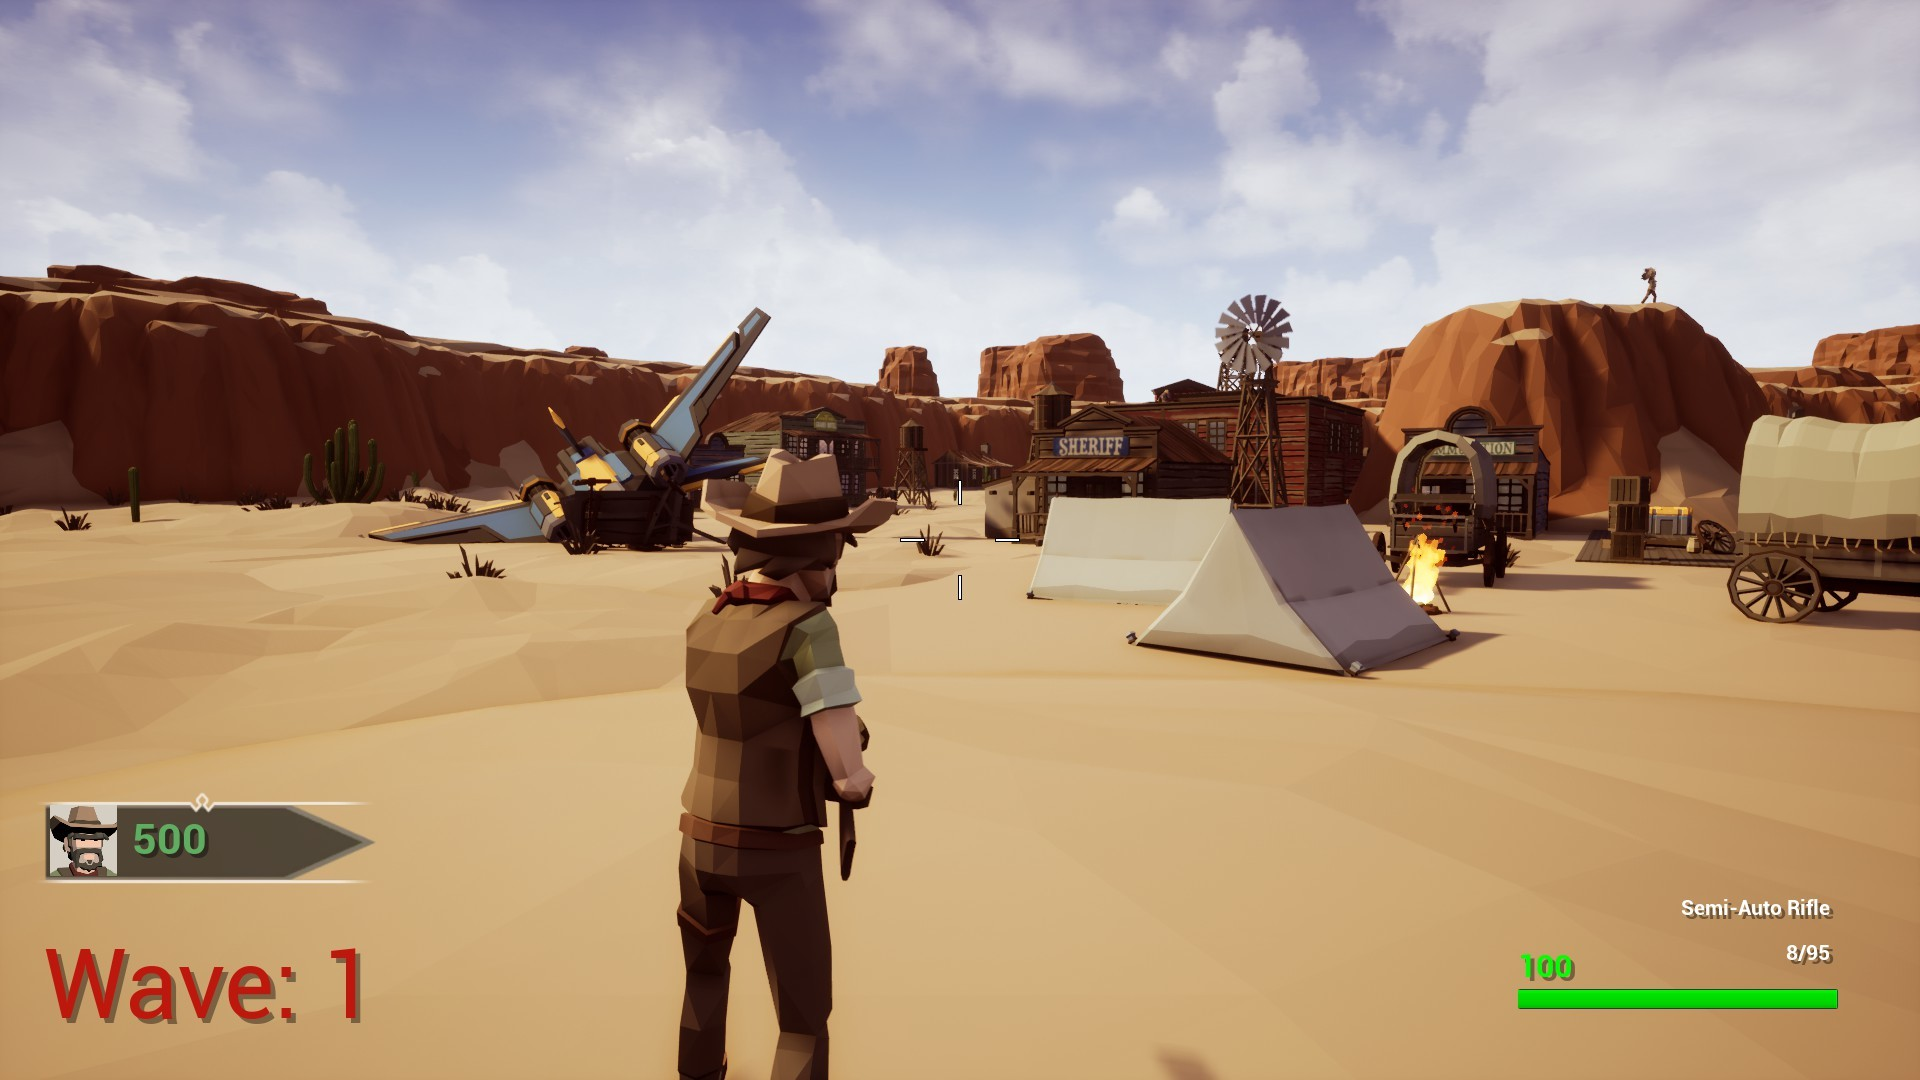 Rangers screenshot